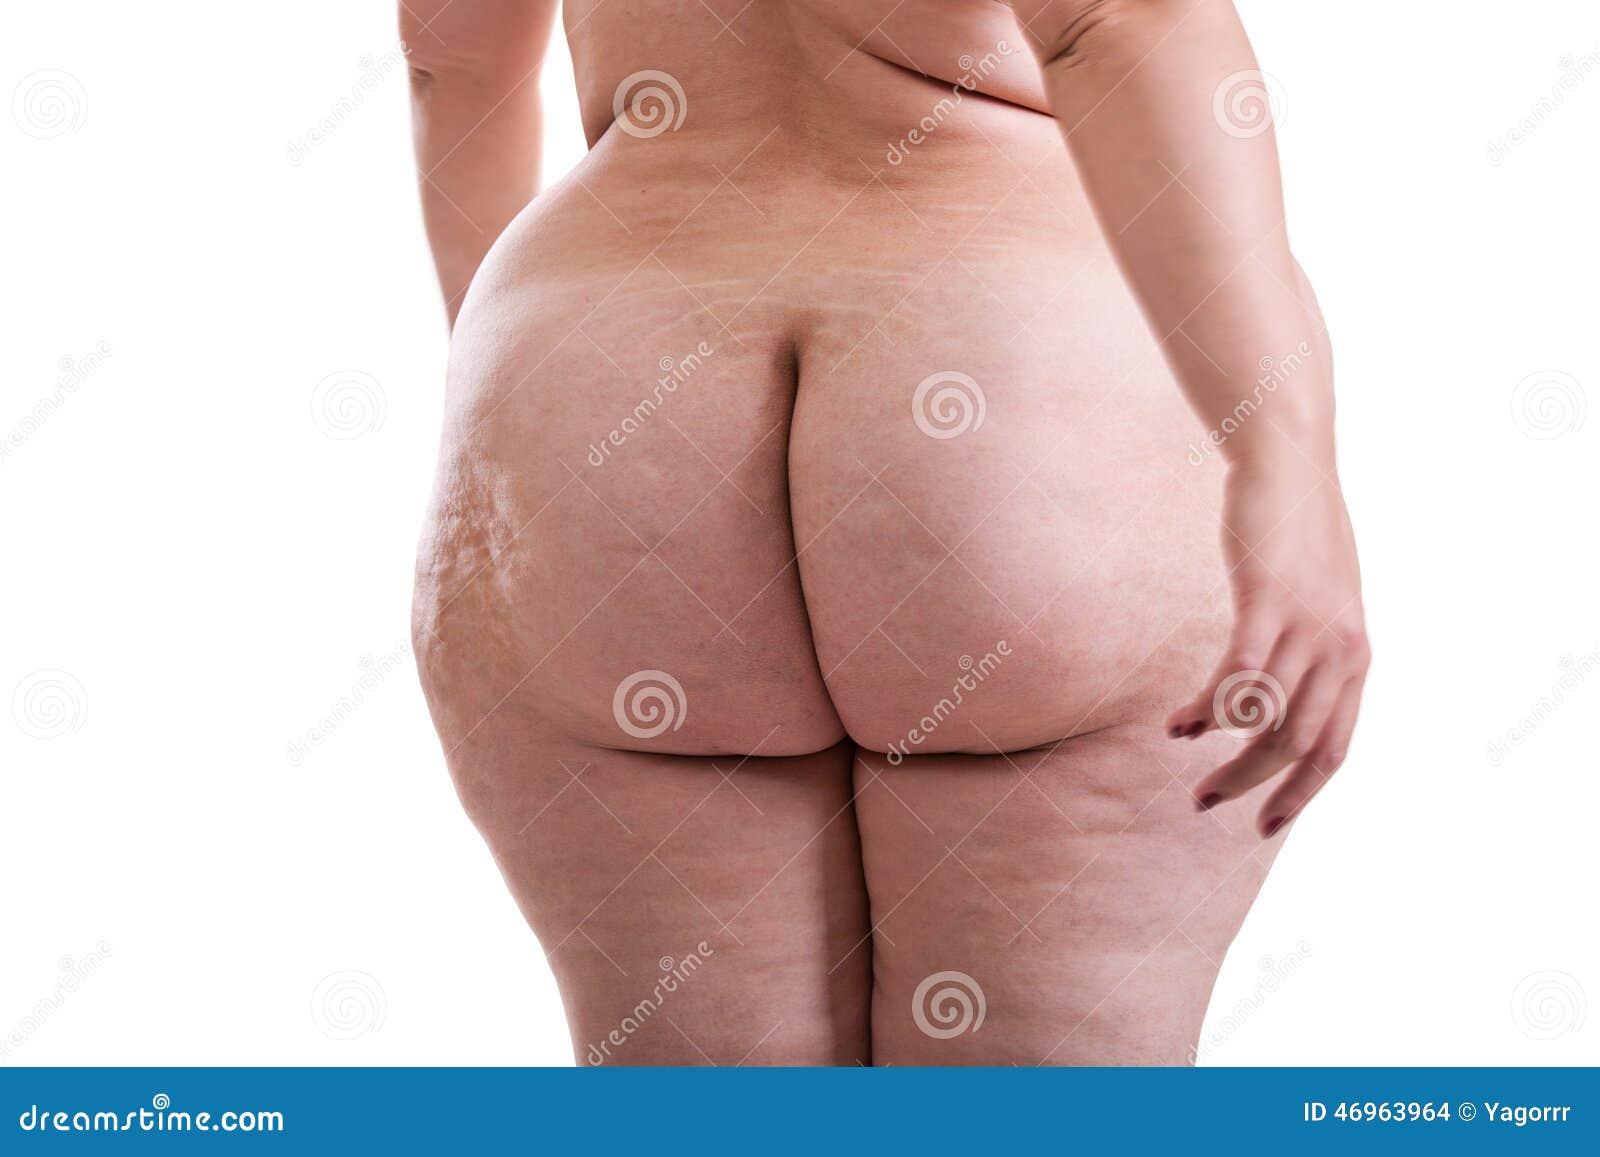 Naked Female Buttocks 44